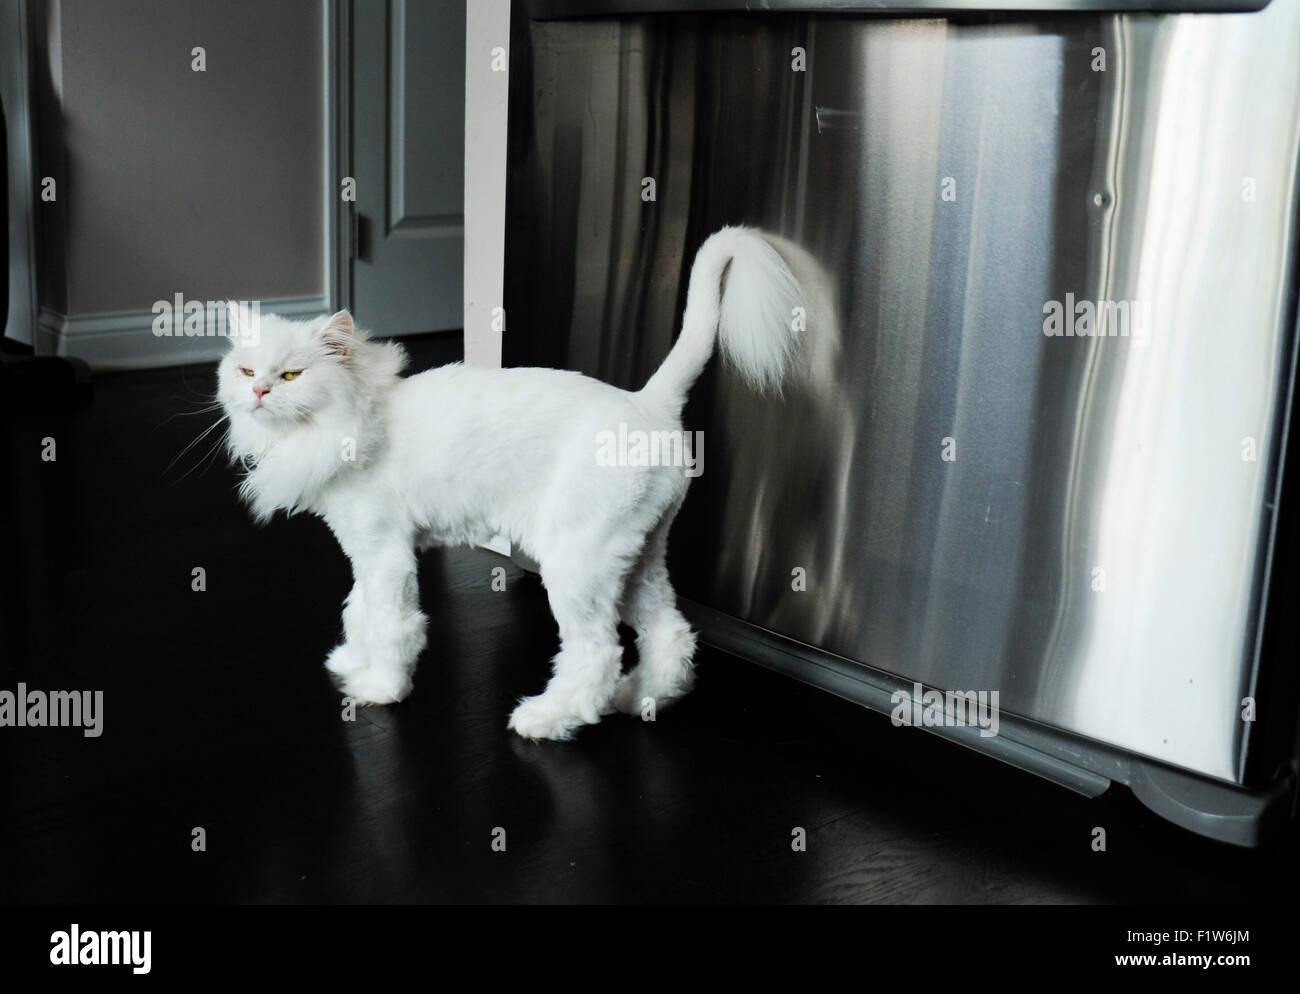 Corte de pelo para gatos persa